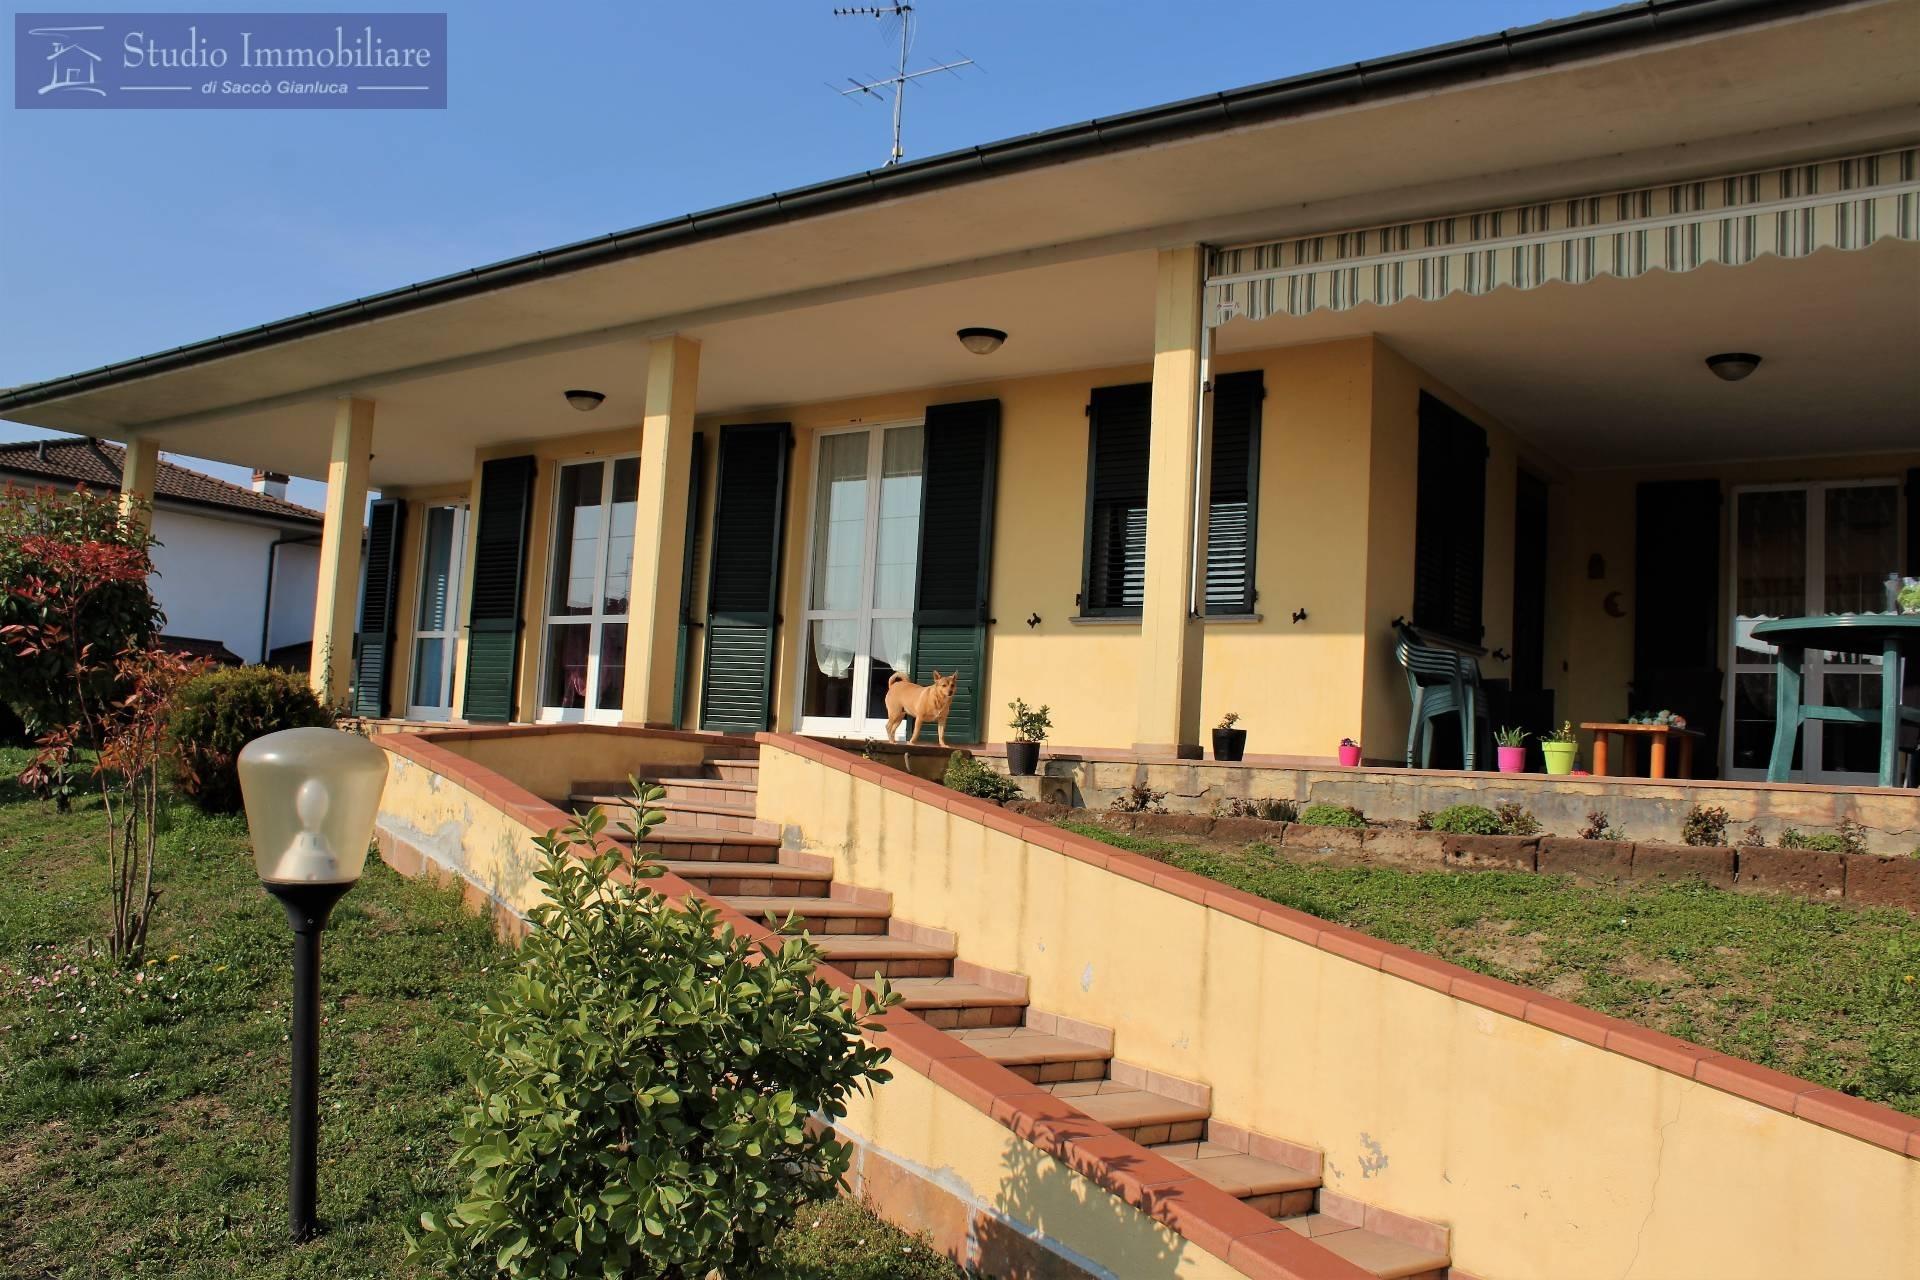 Villa in vendita a Pinarolo Po, 4 locali, prezzo € 260.000 | CambioCasa.it